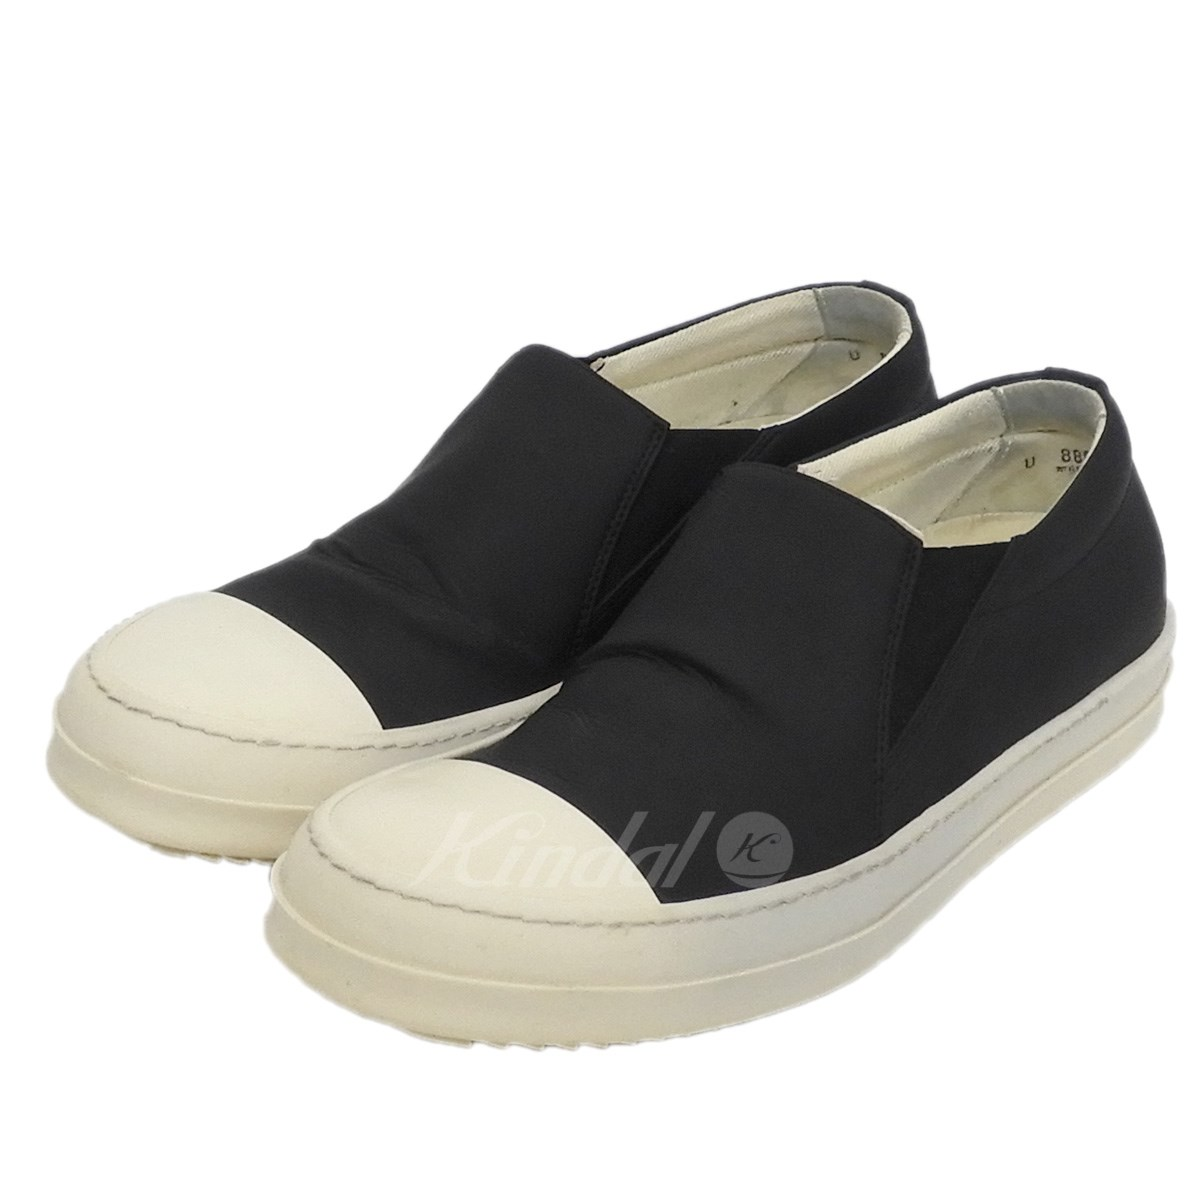 【中古】DRKSHDW 2016AW 「Boat Sneaker」スリッポン 【送料無料】 【137422】 【KIND1550】